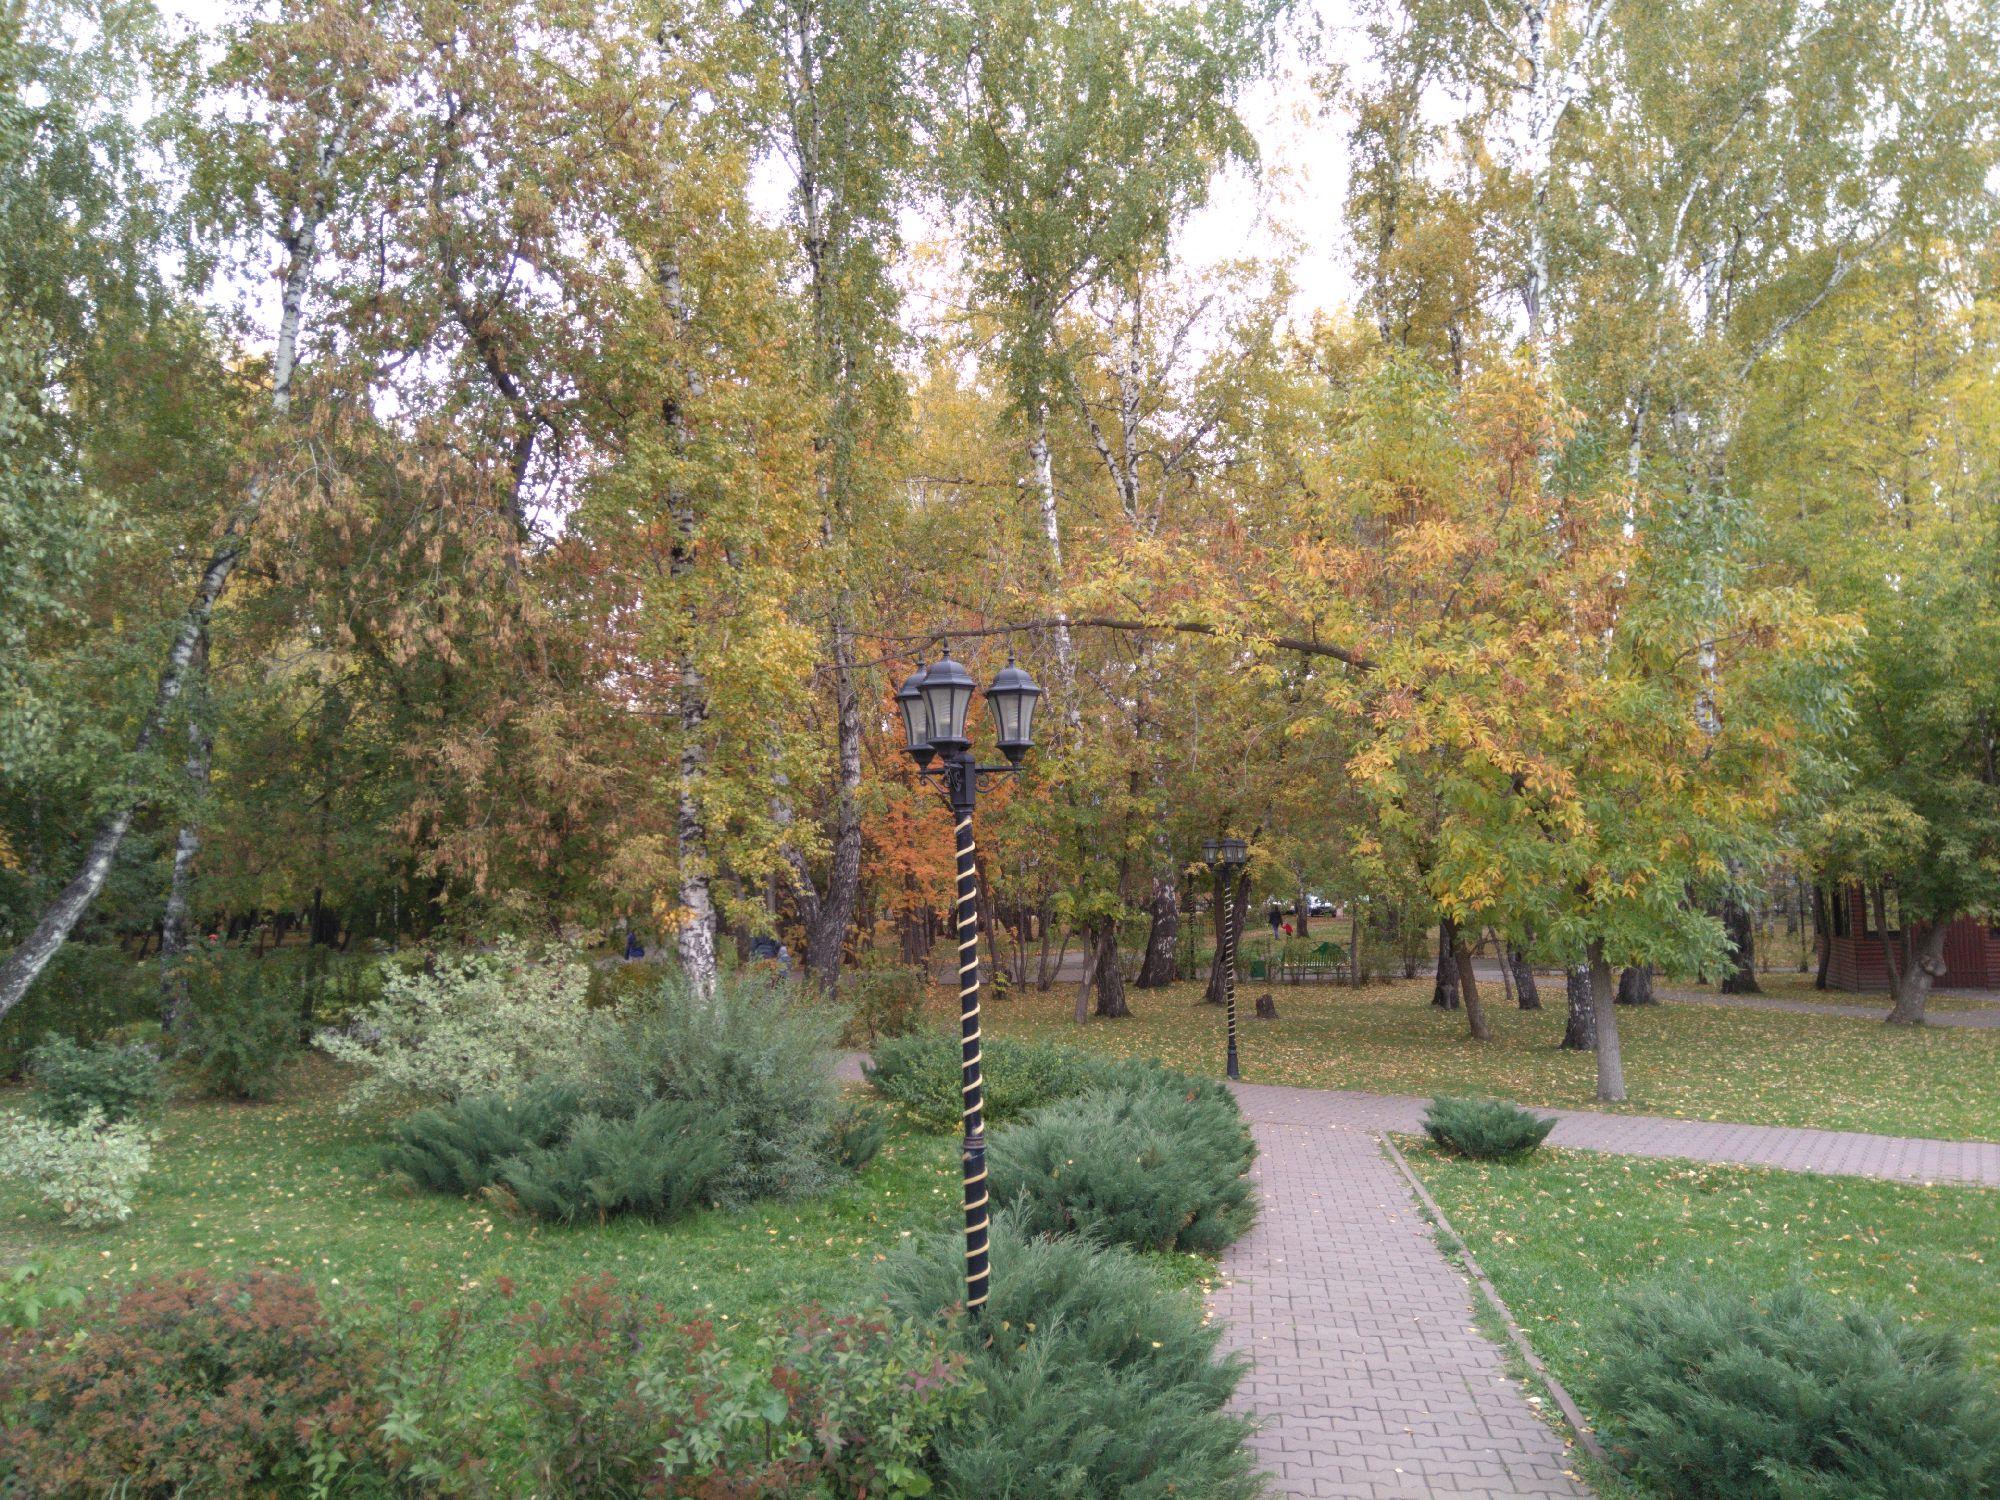 """Парк """"Березовая роща"""" на месте кладбища как бы символизирует"""